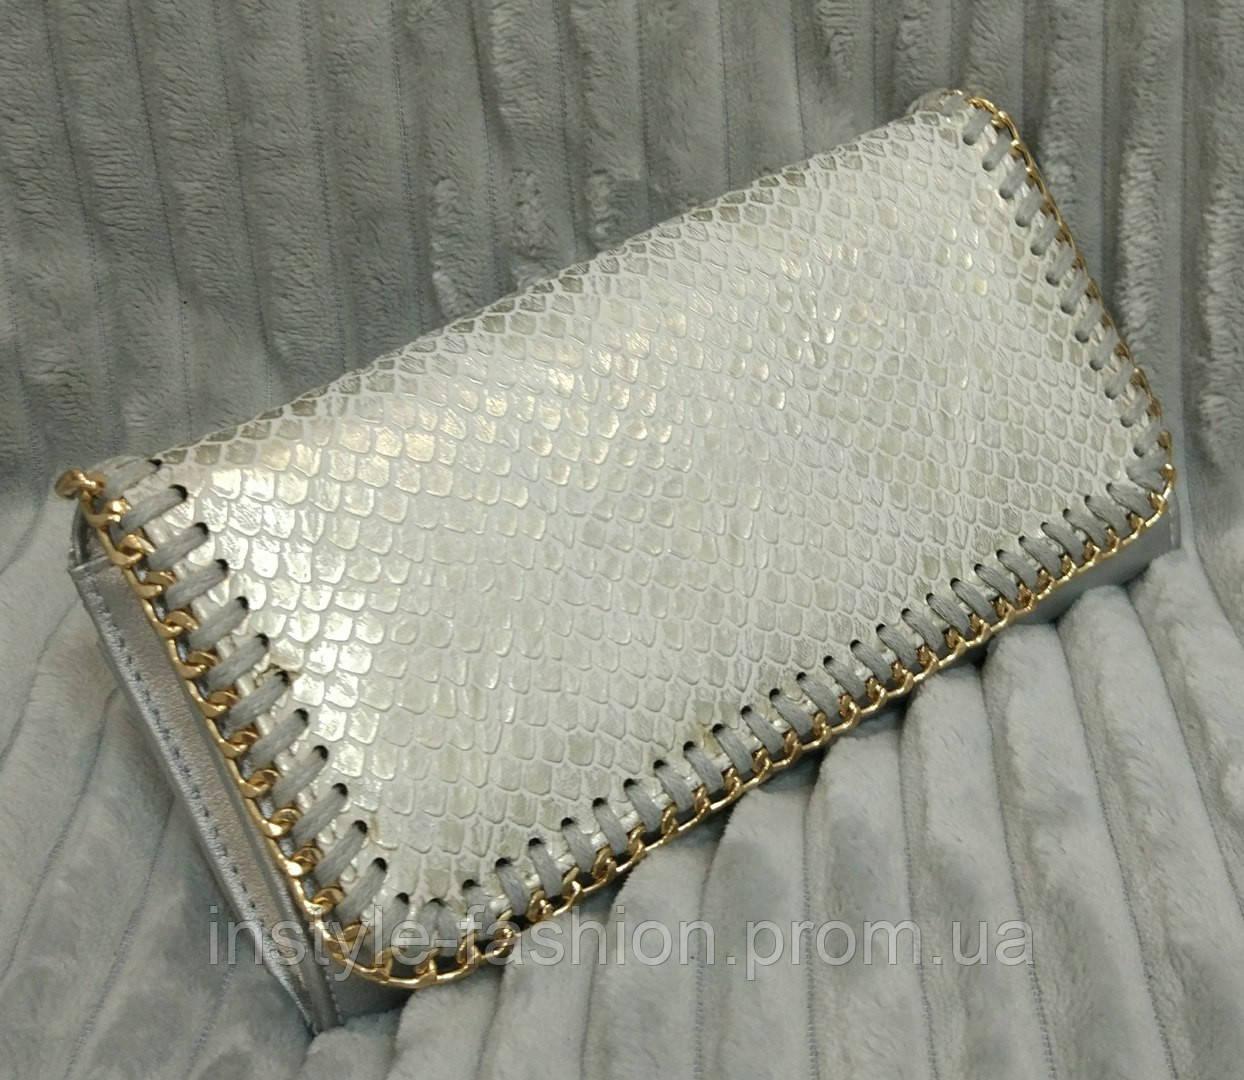 Кошелек-клатч женский раскладной серебряный с цепочкой